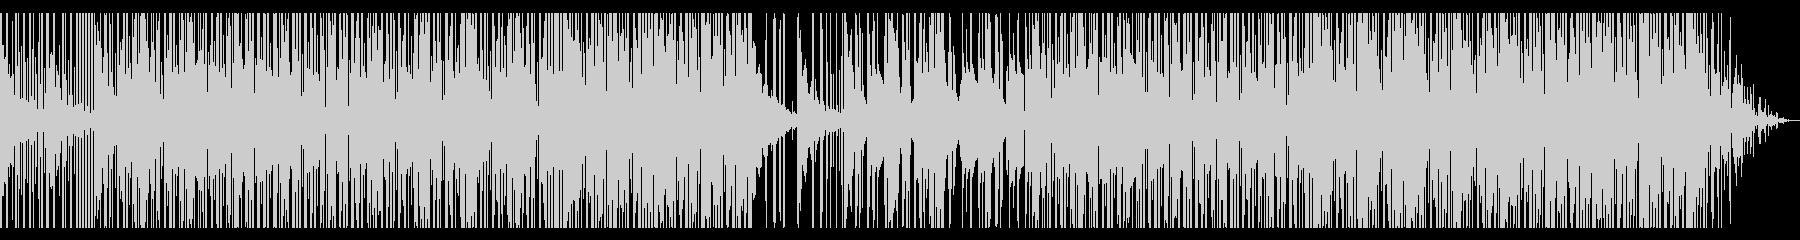 ムーディー/R&B_No395の未再生の波形